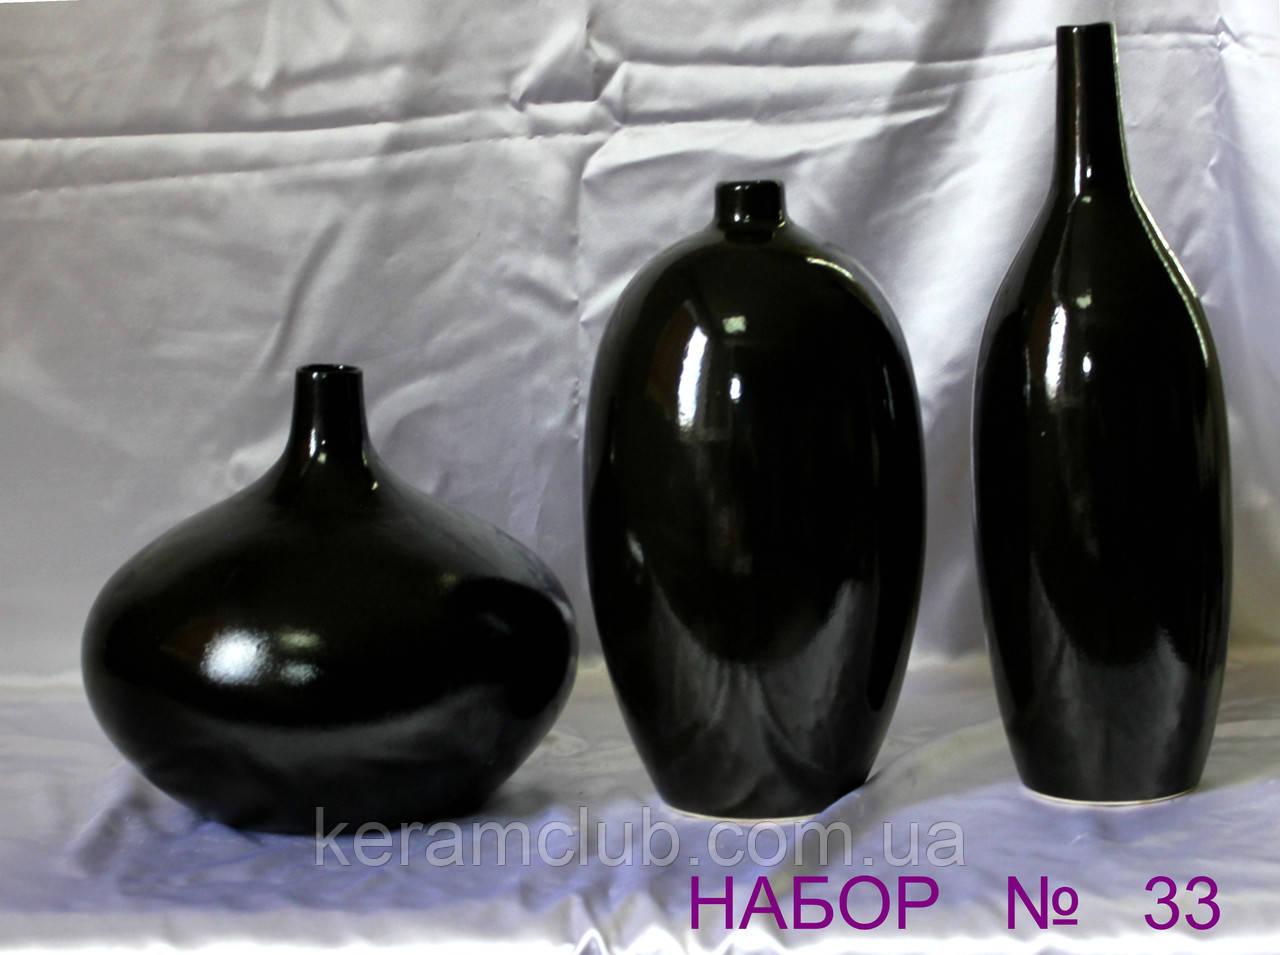 Набор интерьерных ваз №33